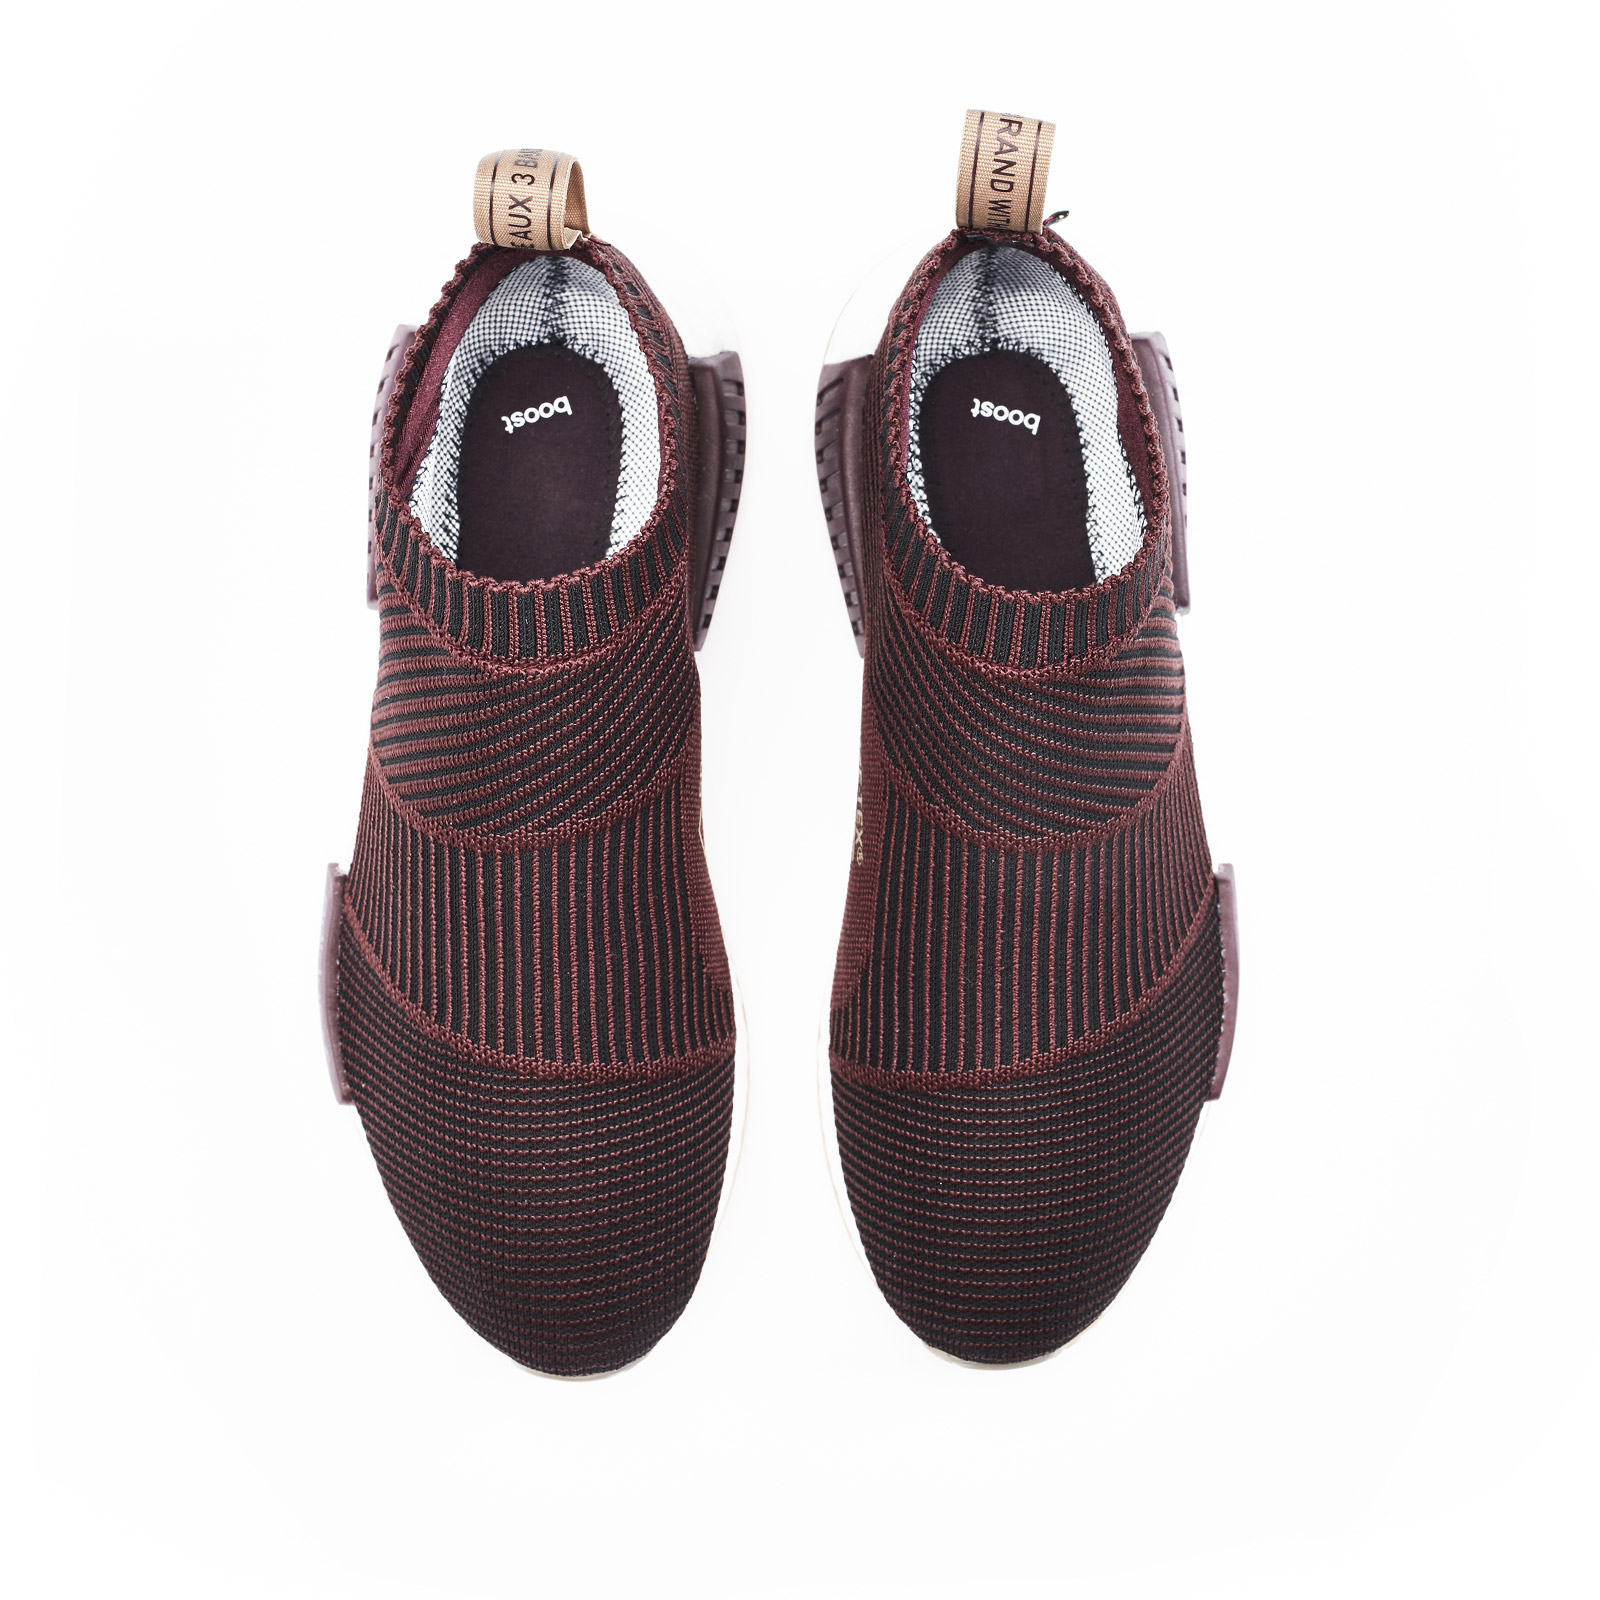 ... adidas Originals NMD CS1 GORE-TEX Primeknit SNS Exclusive ... 4557c8a9c